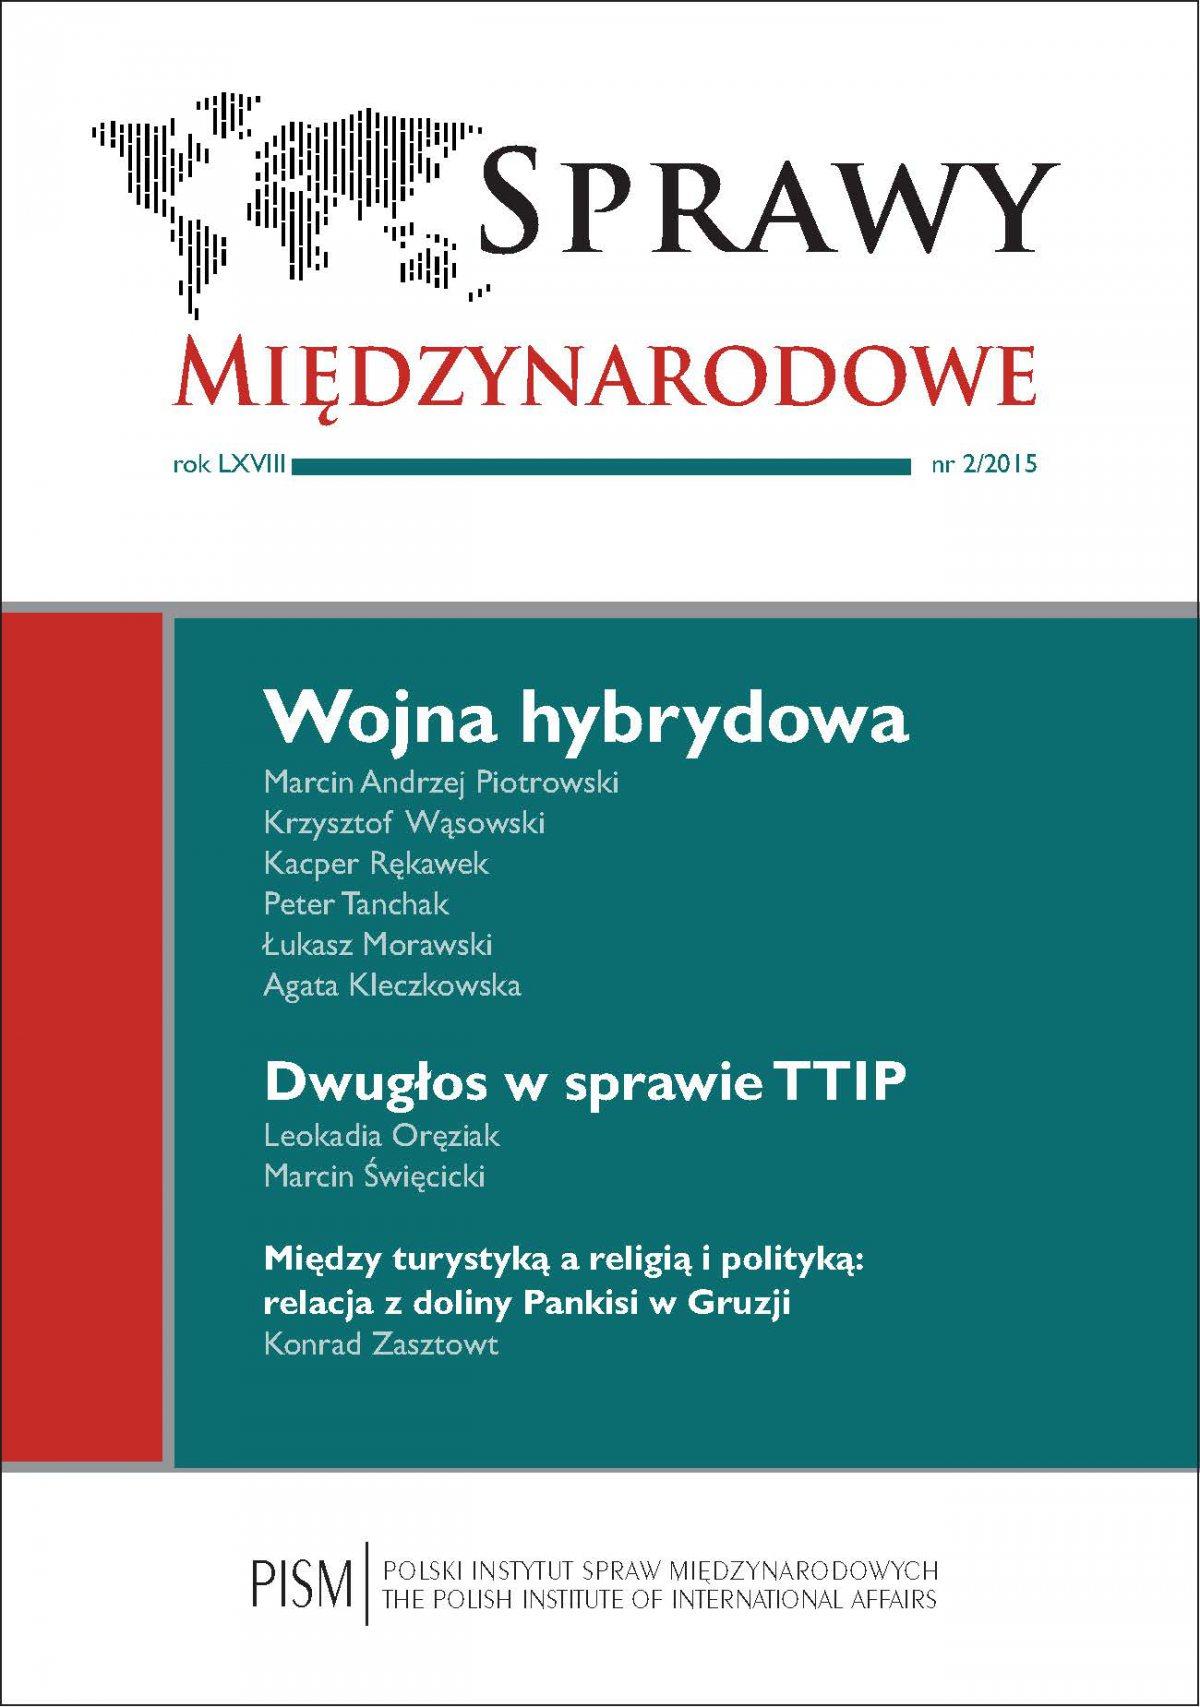 Sprawy Międzynarodowe 2/2015 - Ebook (Książka PDF) do pobrania w formacie PDF